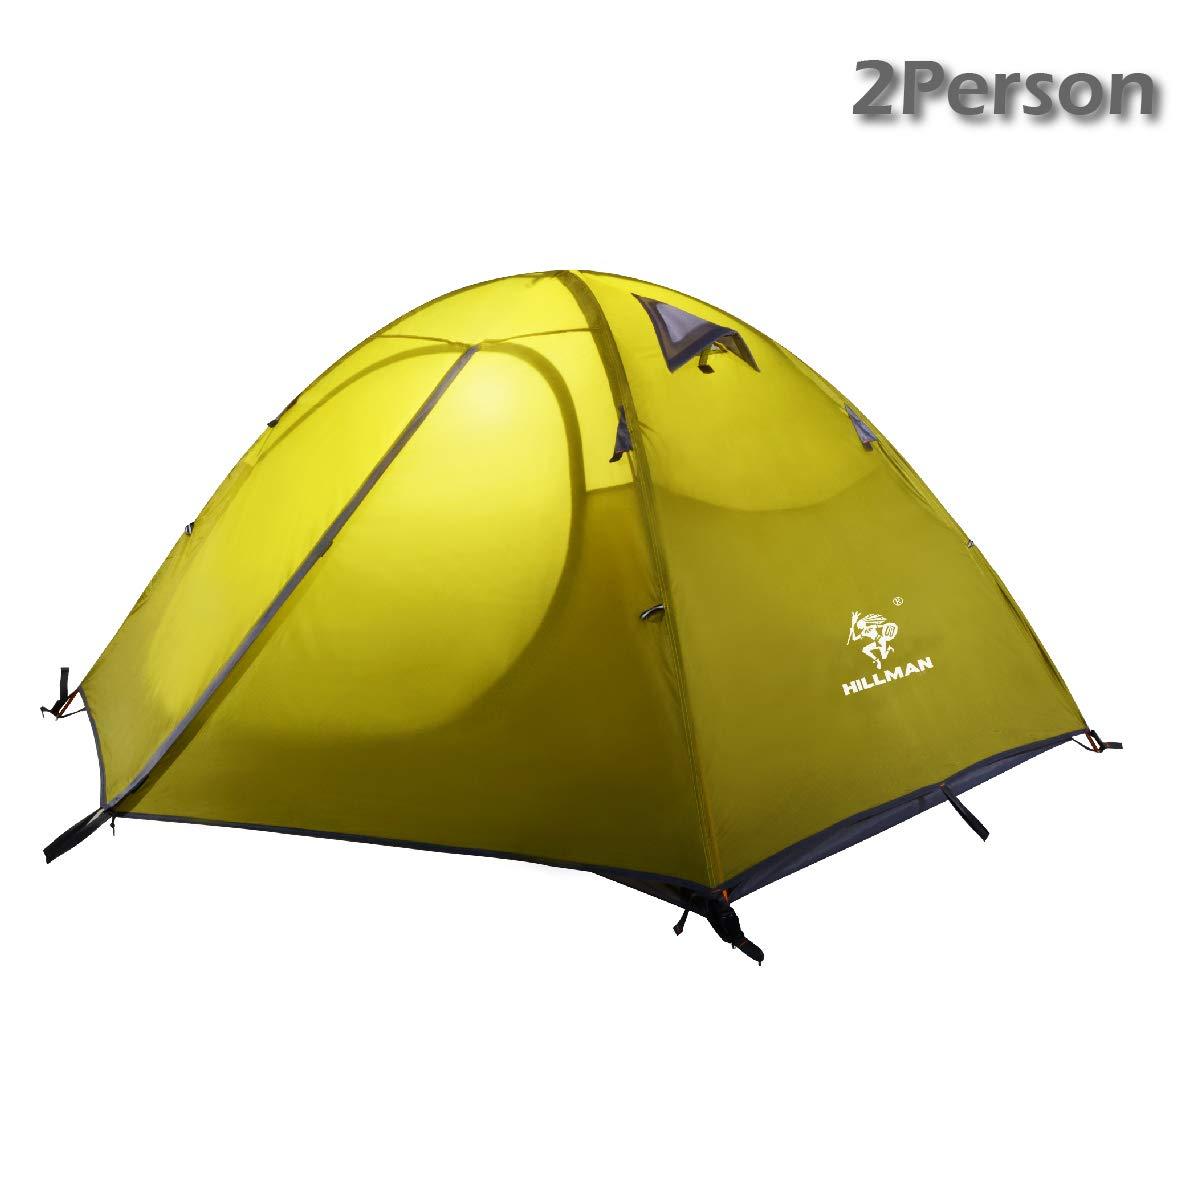 Azarxis Tienda de Campa/ña de 1-2 Persona Impermeable Ligera Carpa de Mochilero Acampar Senderismo Playa